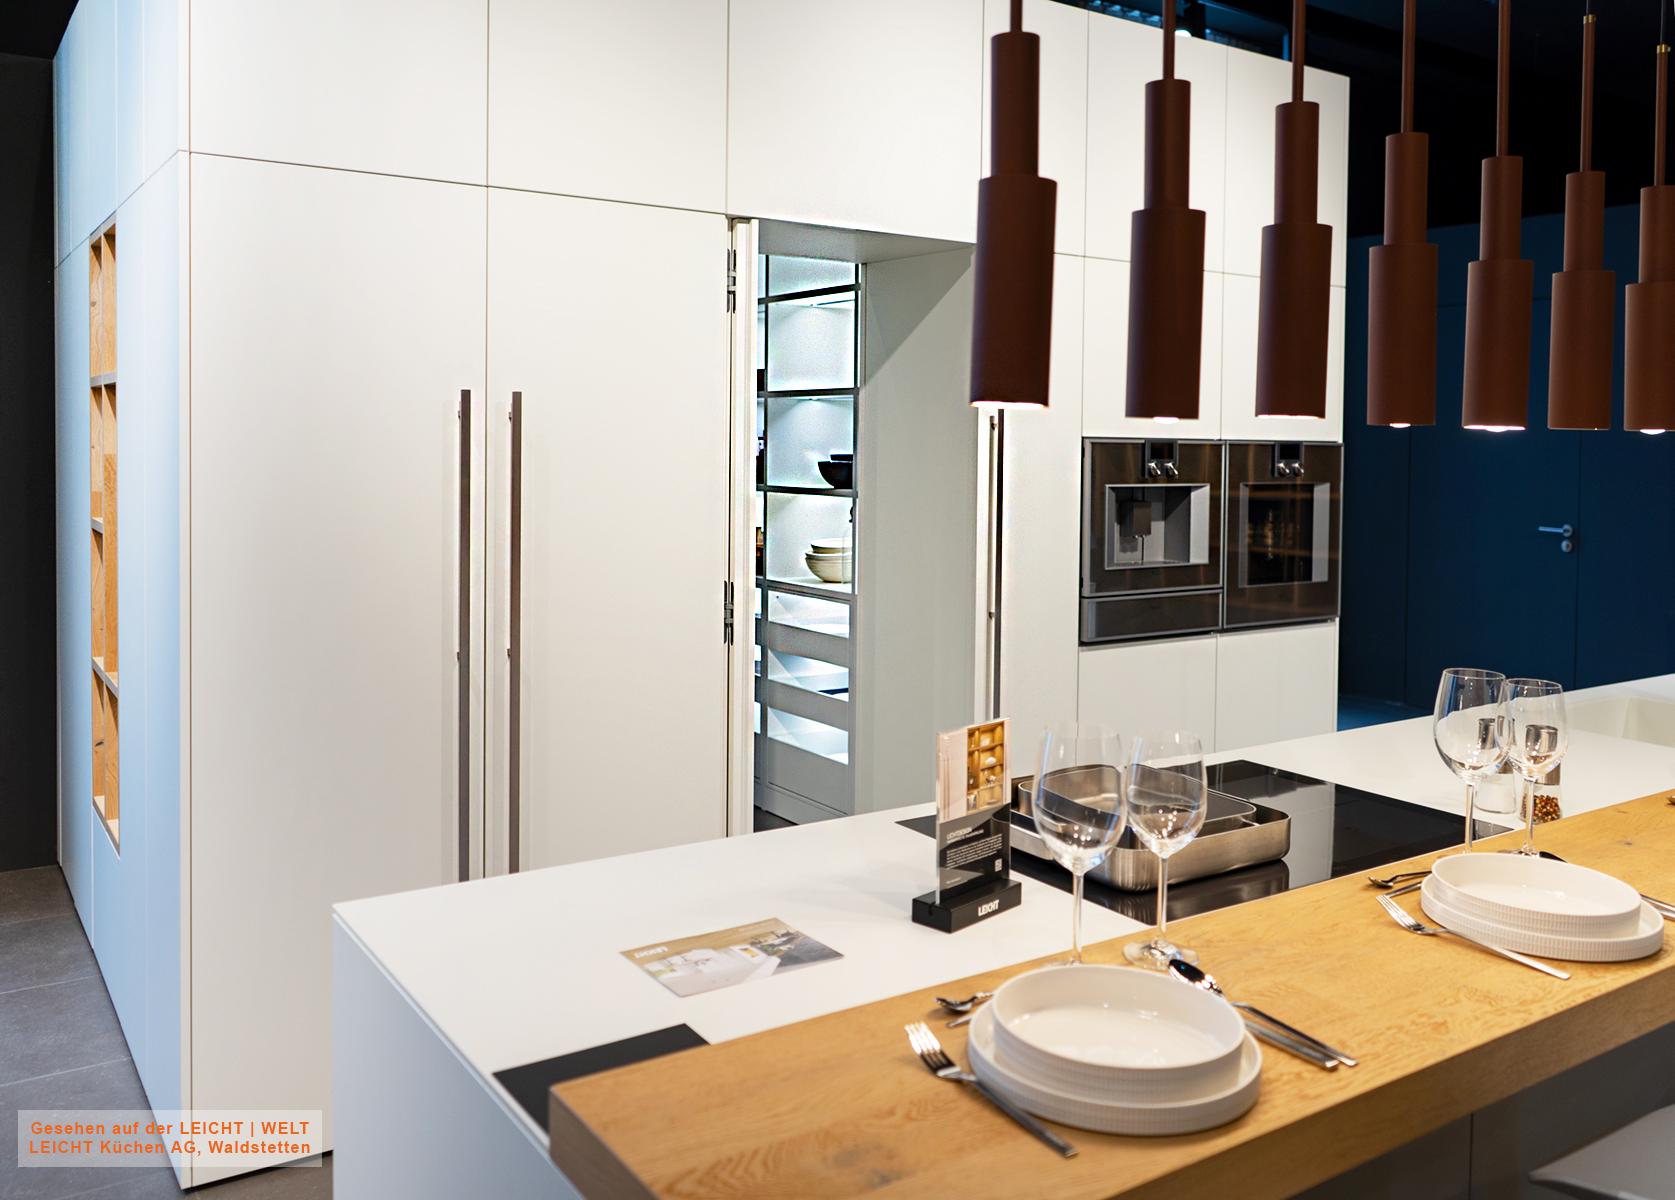 SAAR Küchen Ordnung LEICHT Küchen Raum-im-Raum